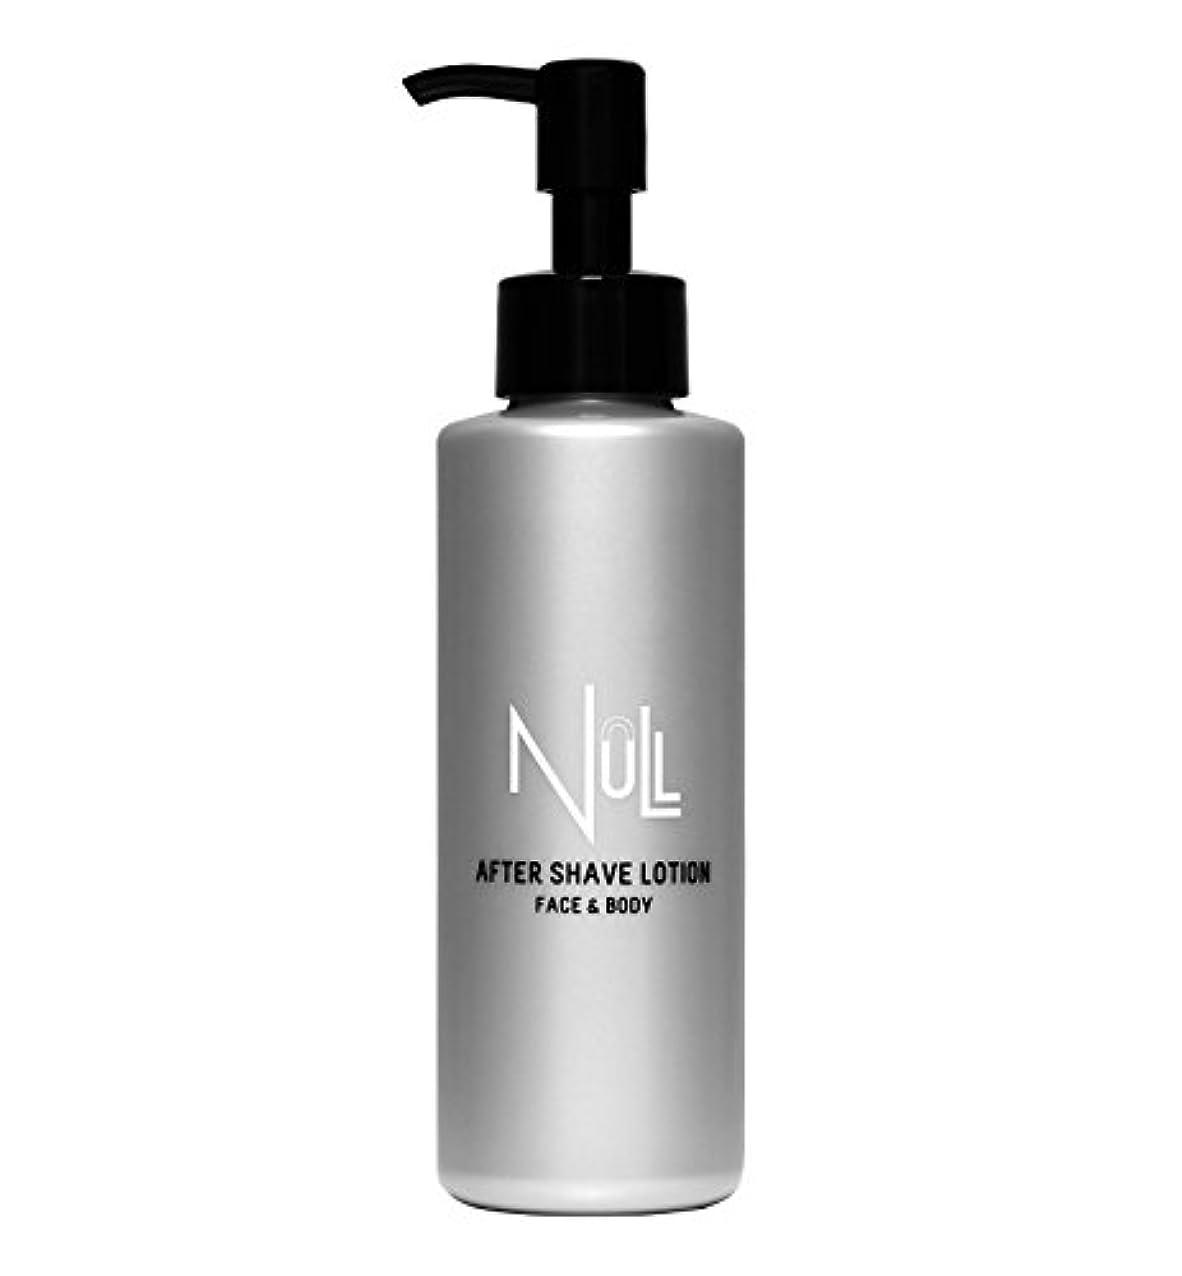 クリップ達成狂乱NULL アフターシェーブローション 化粧水 メンズ 150ml メンズ (除毛 ヒゲ剃り のアフターケアに)